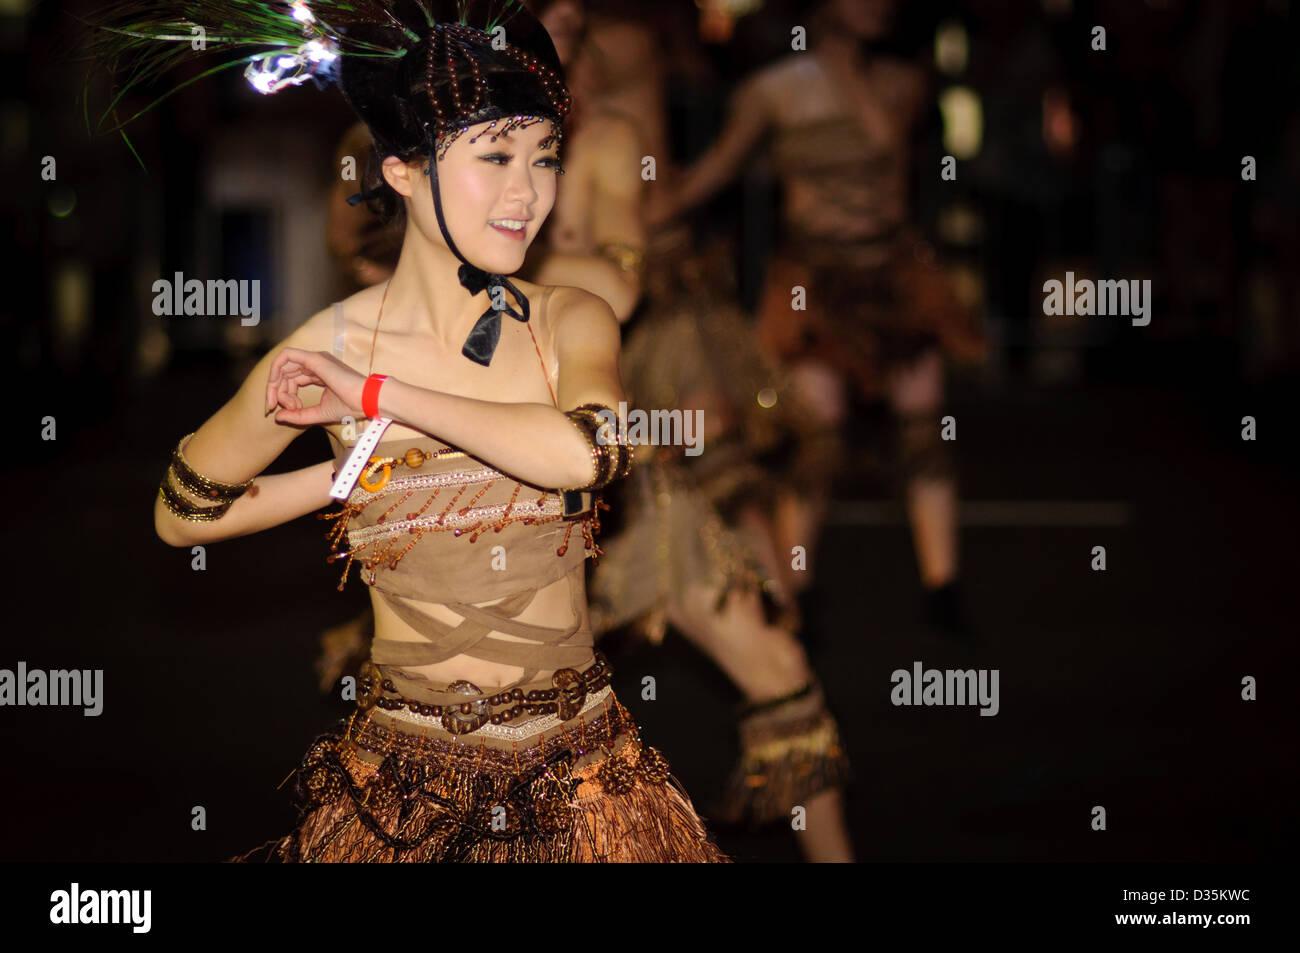 Las minorías étnicas chinas bailarín - bailando en un desfile mientras ataviados con sus trajes tradicionales. Foto de stock